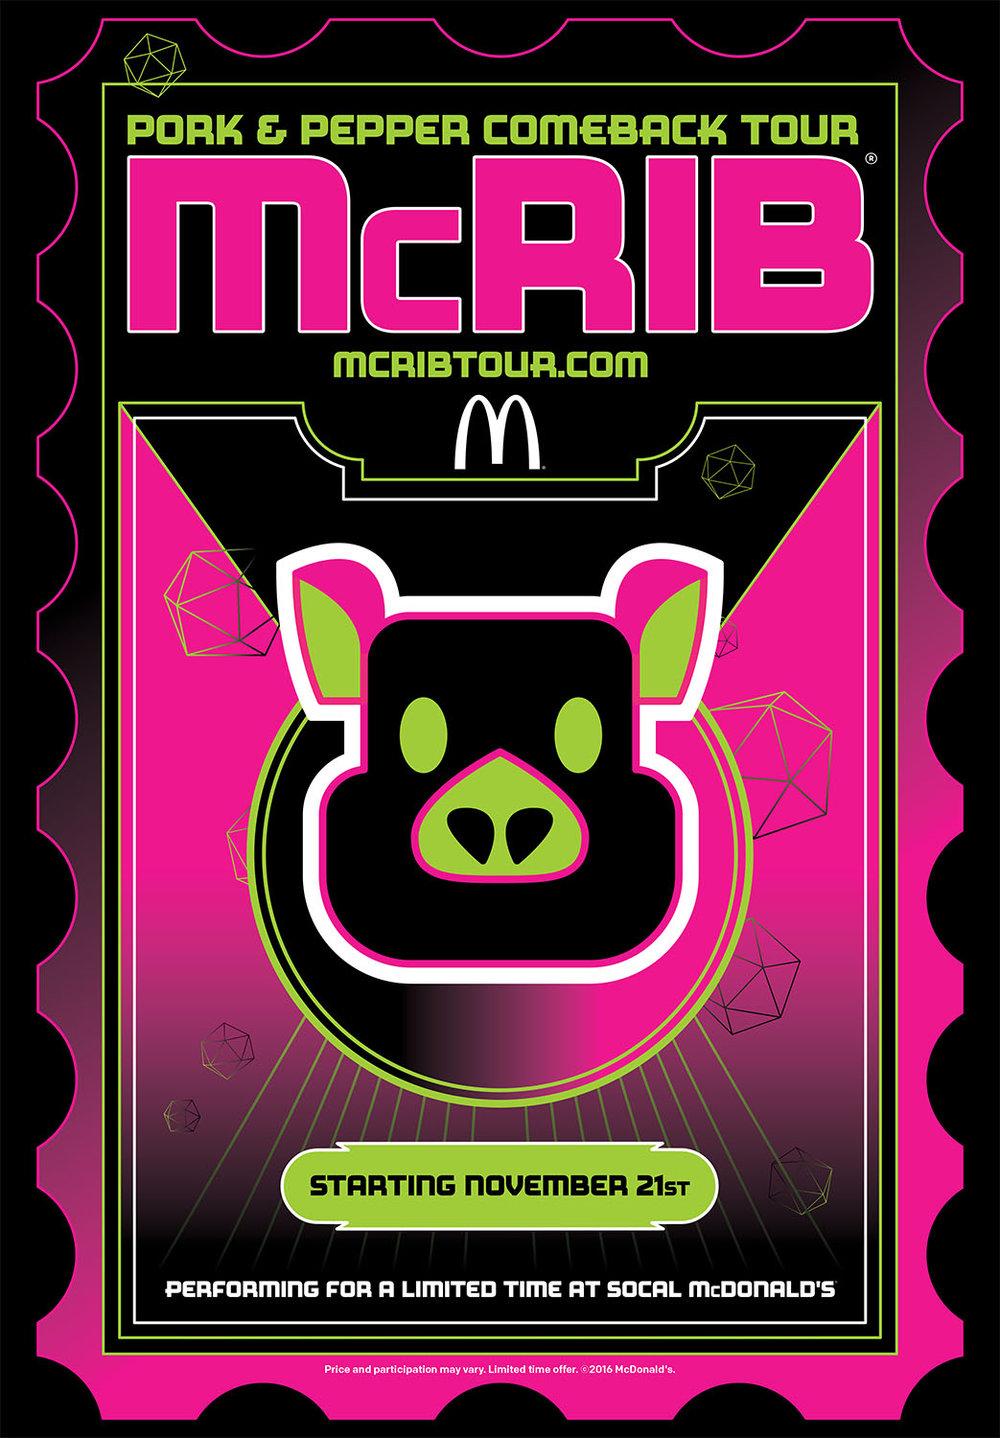 mcrib.jpg